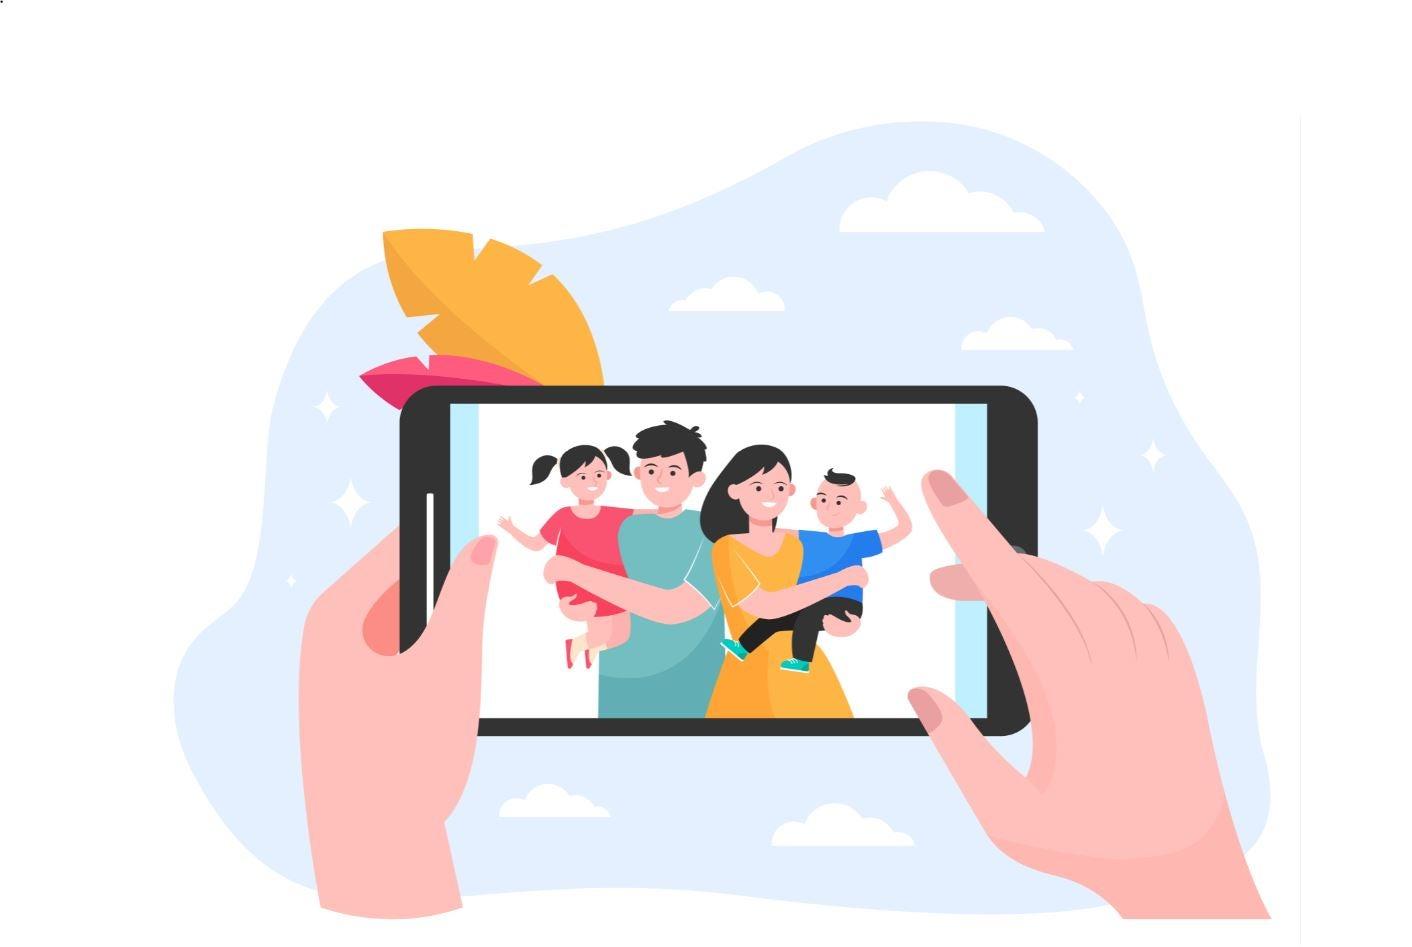 Visitadora entrega servicios infantiles a familia vía un teléfono inteligente